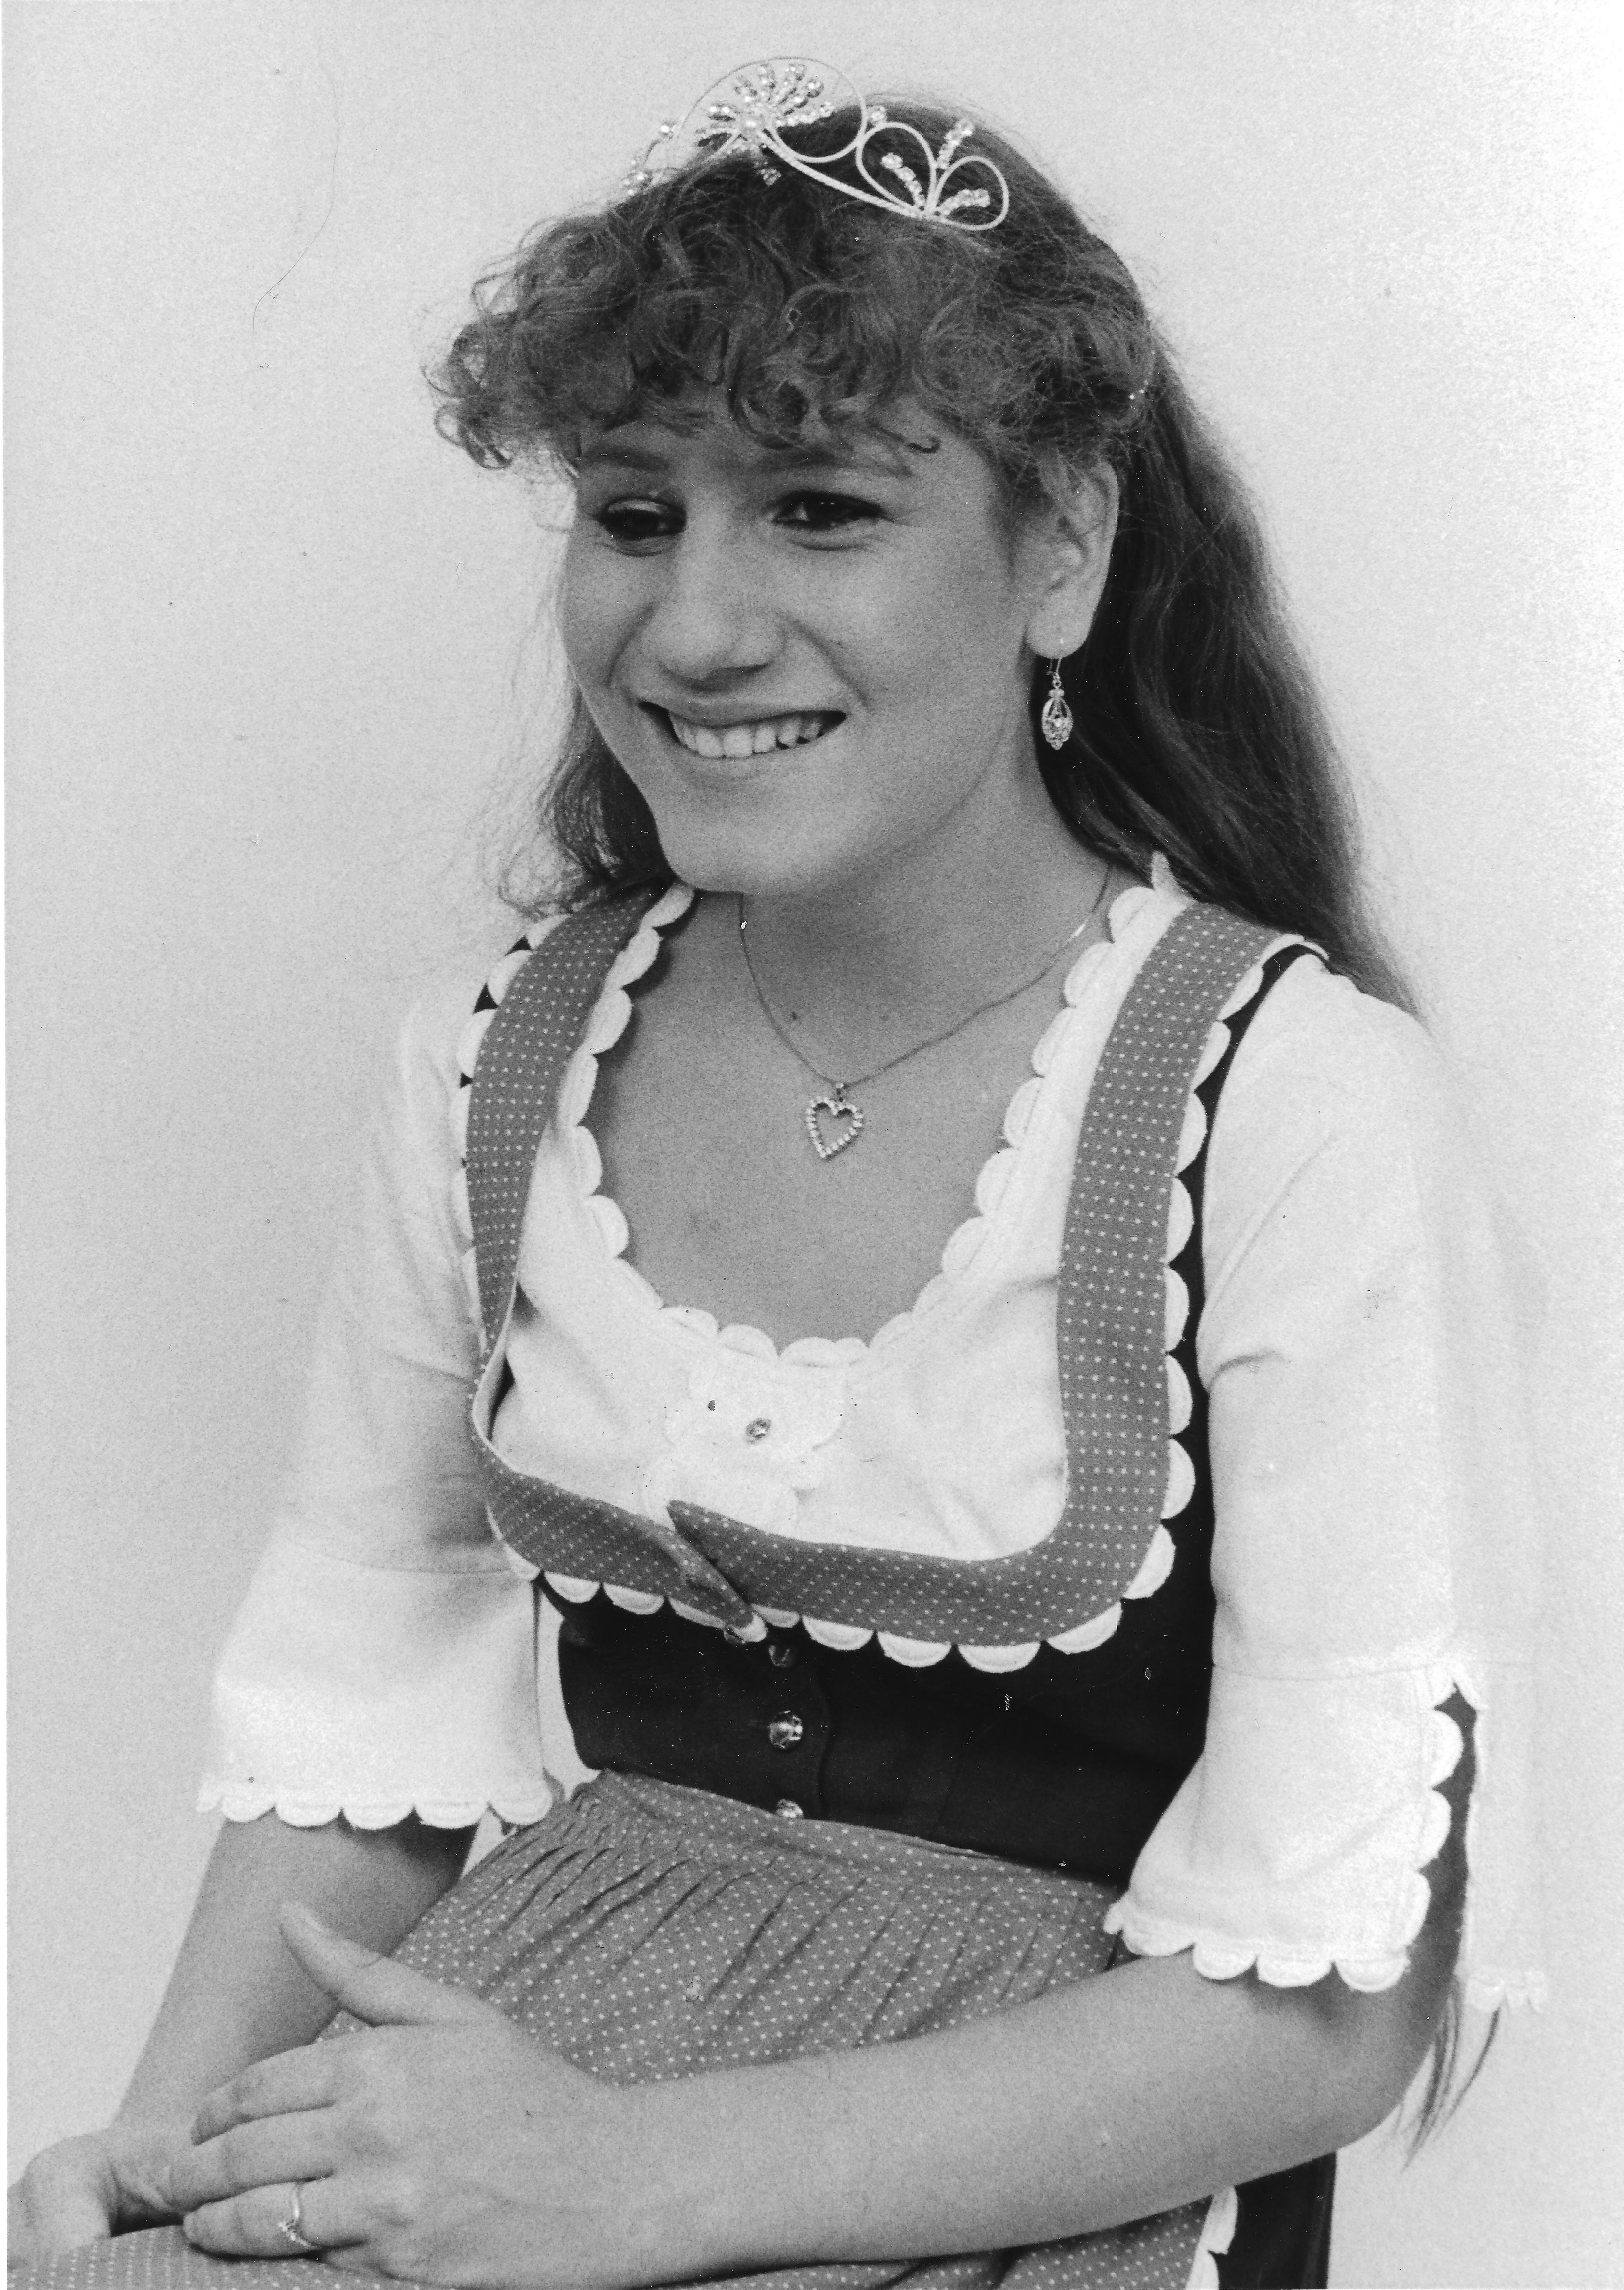 1983 - Truus Nijsen